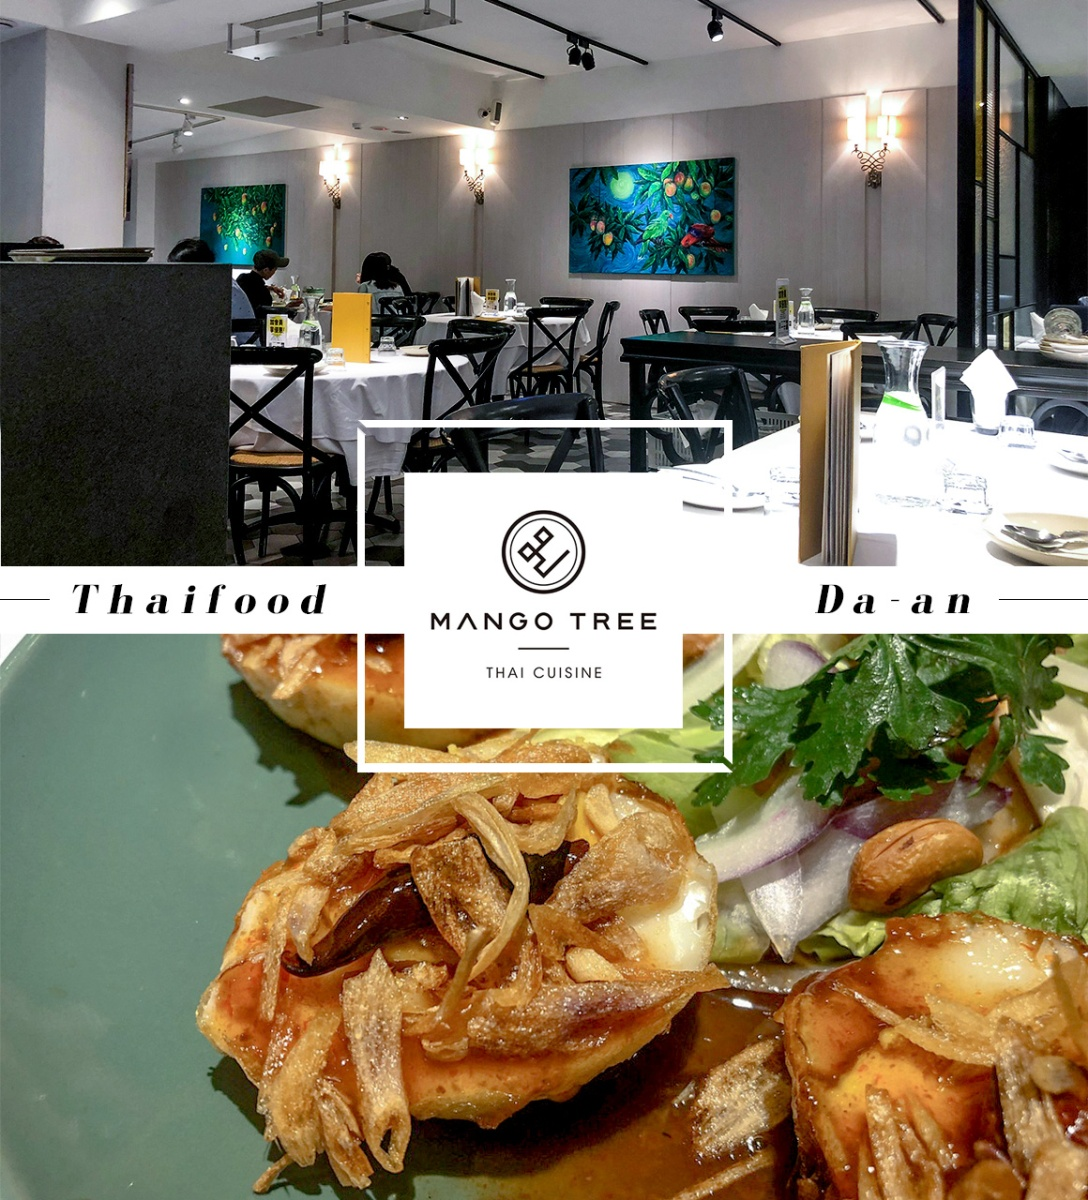 {國父紀念館美食}Mango Tree芒果樹泰式料理廚房-用餐舒適料好味美的泰式餐廳